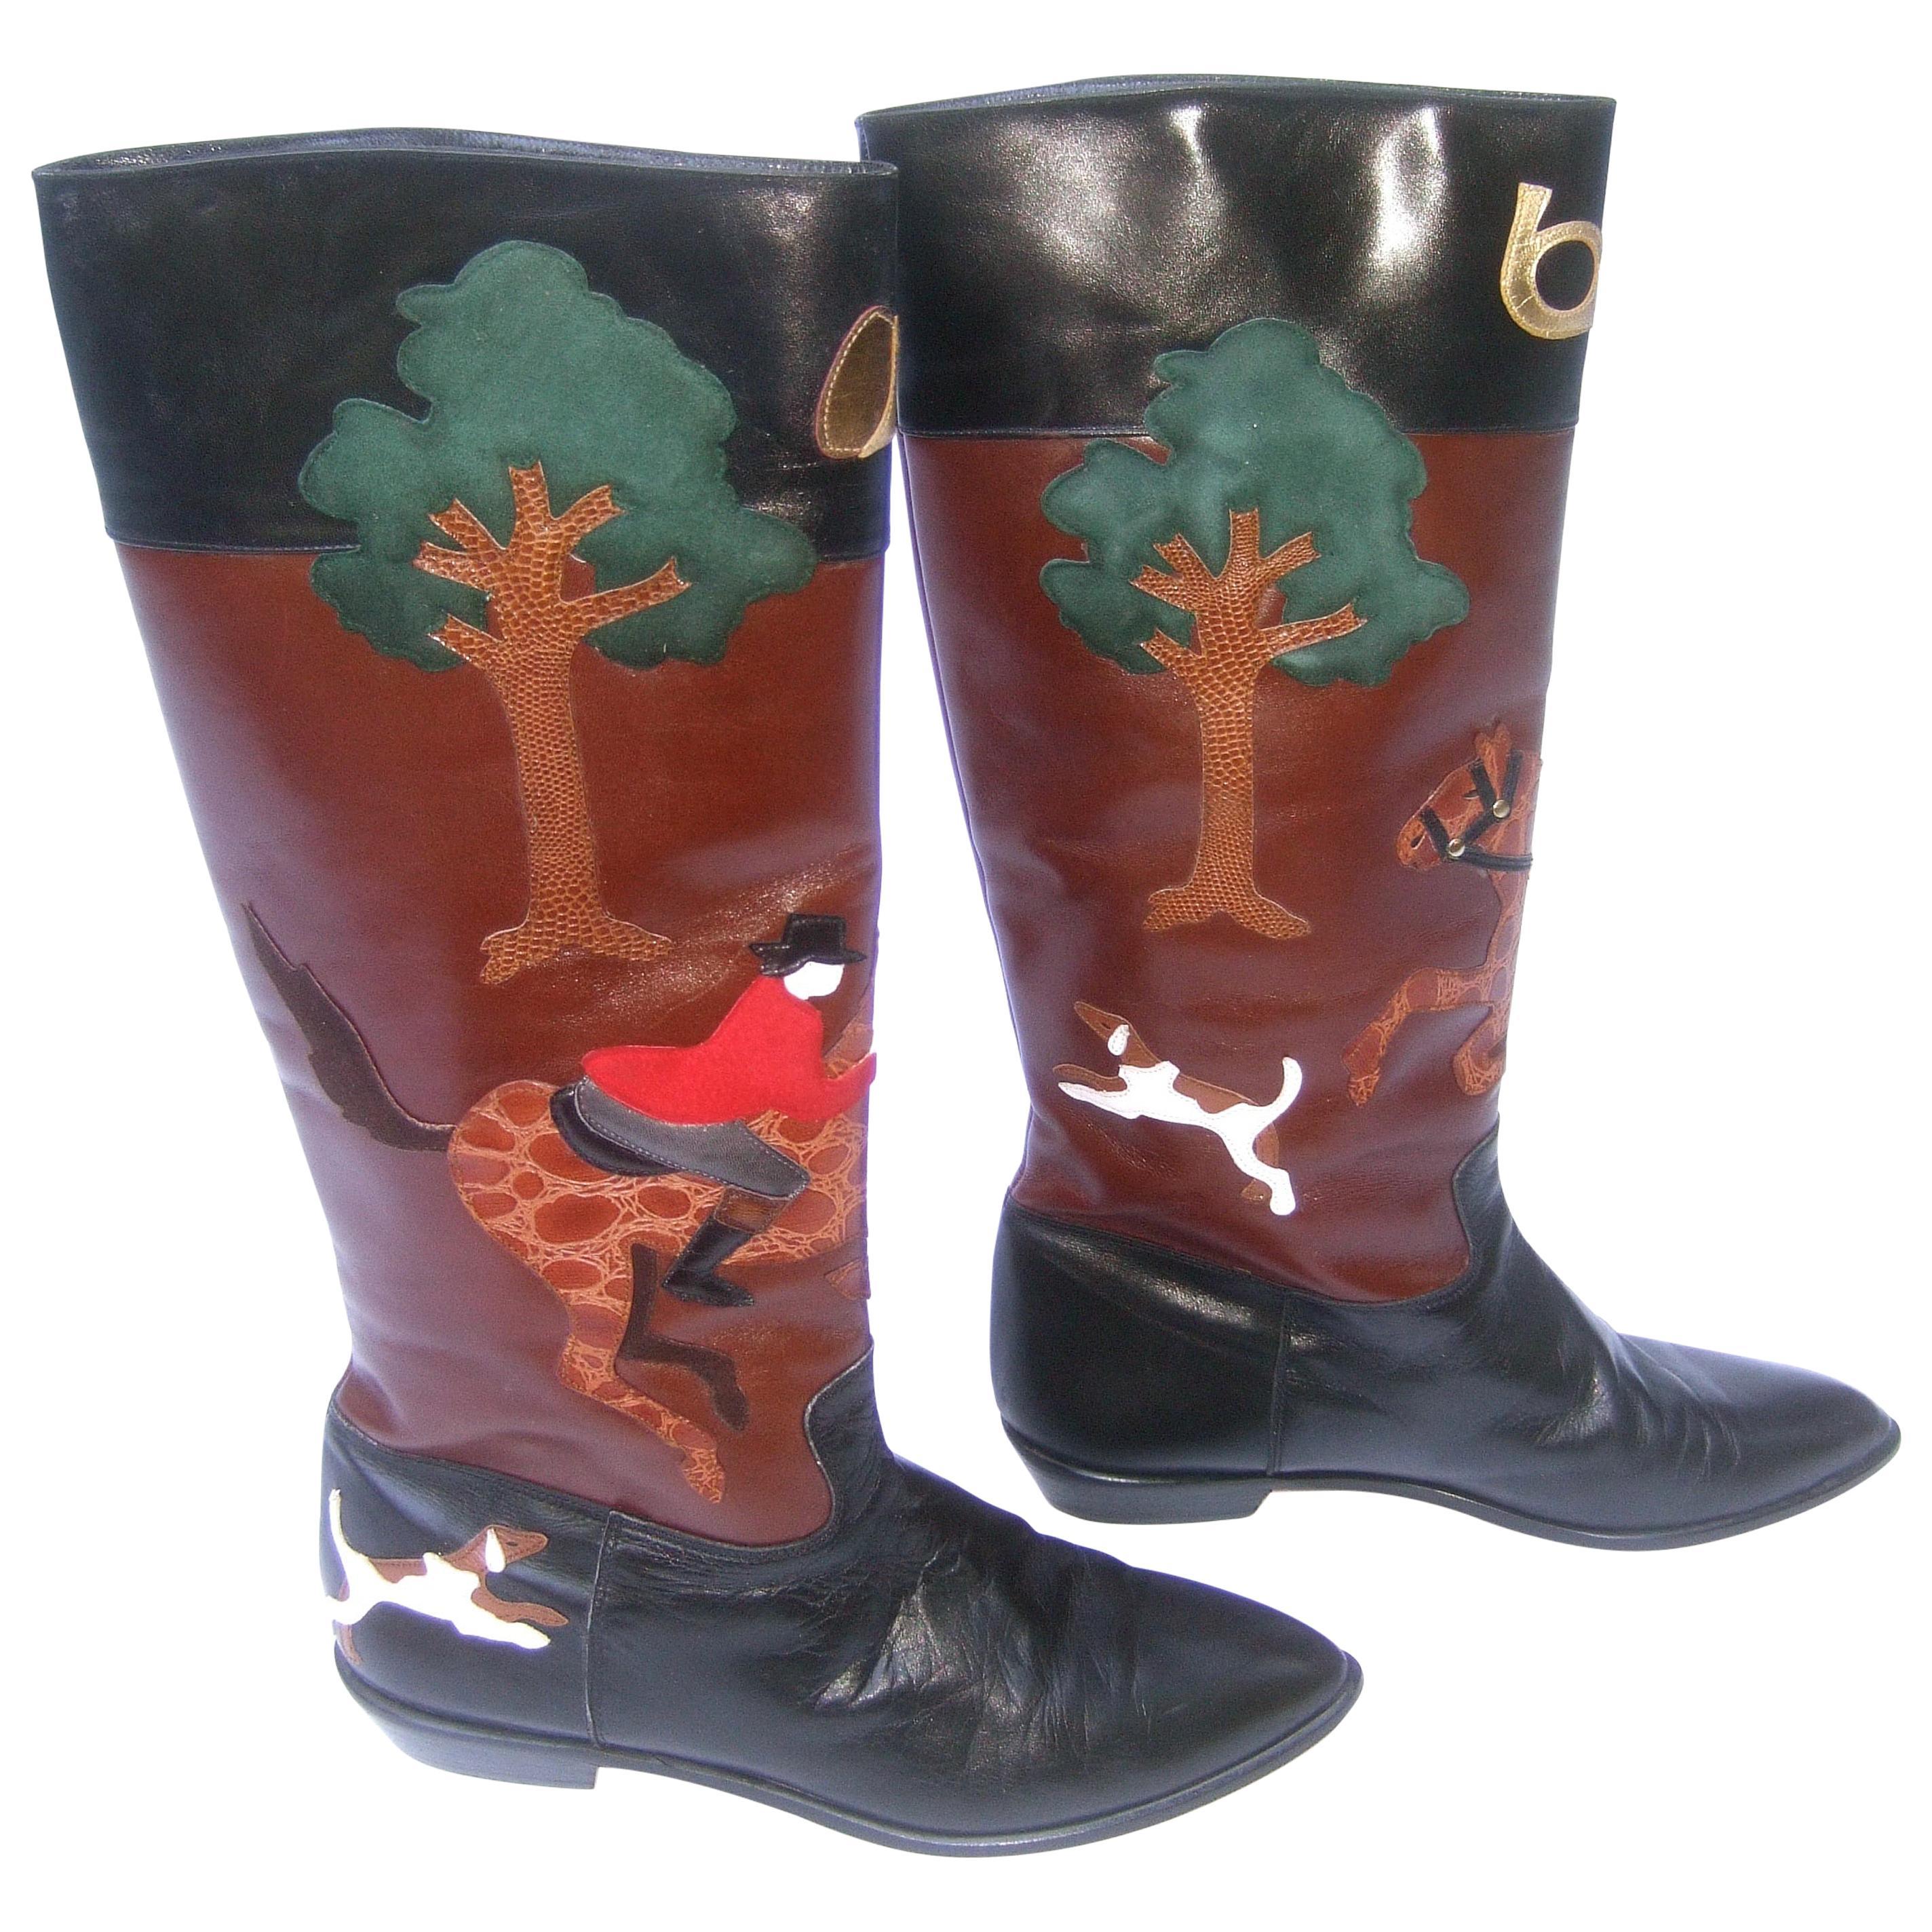 Rare Unique Hunt Scene Leather & Suede Appliqué Boots US Size 9 M c 1990